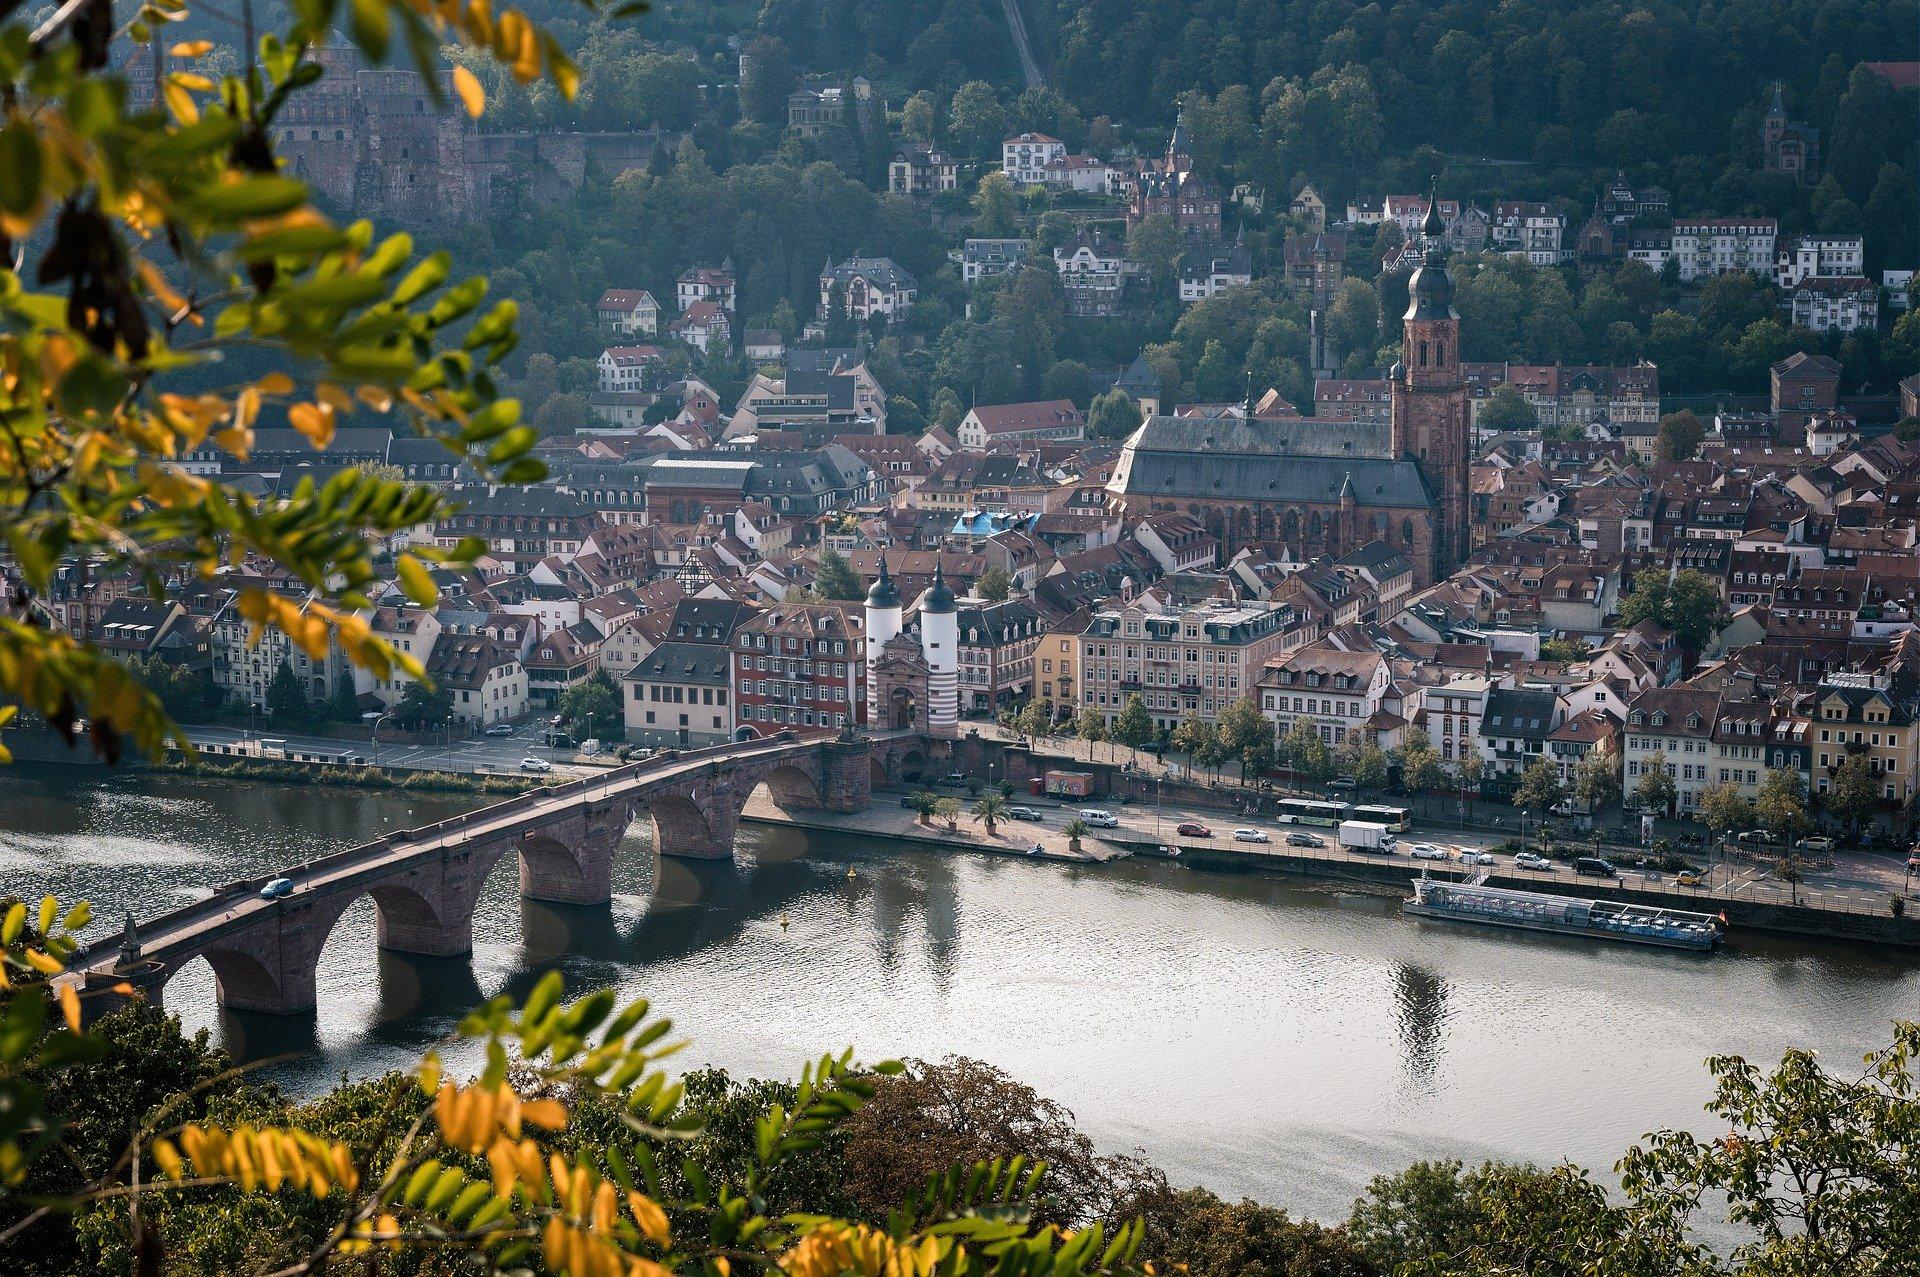 Heidelberg Steckbrief – Flora und Fauna, Geschichte